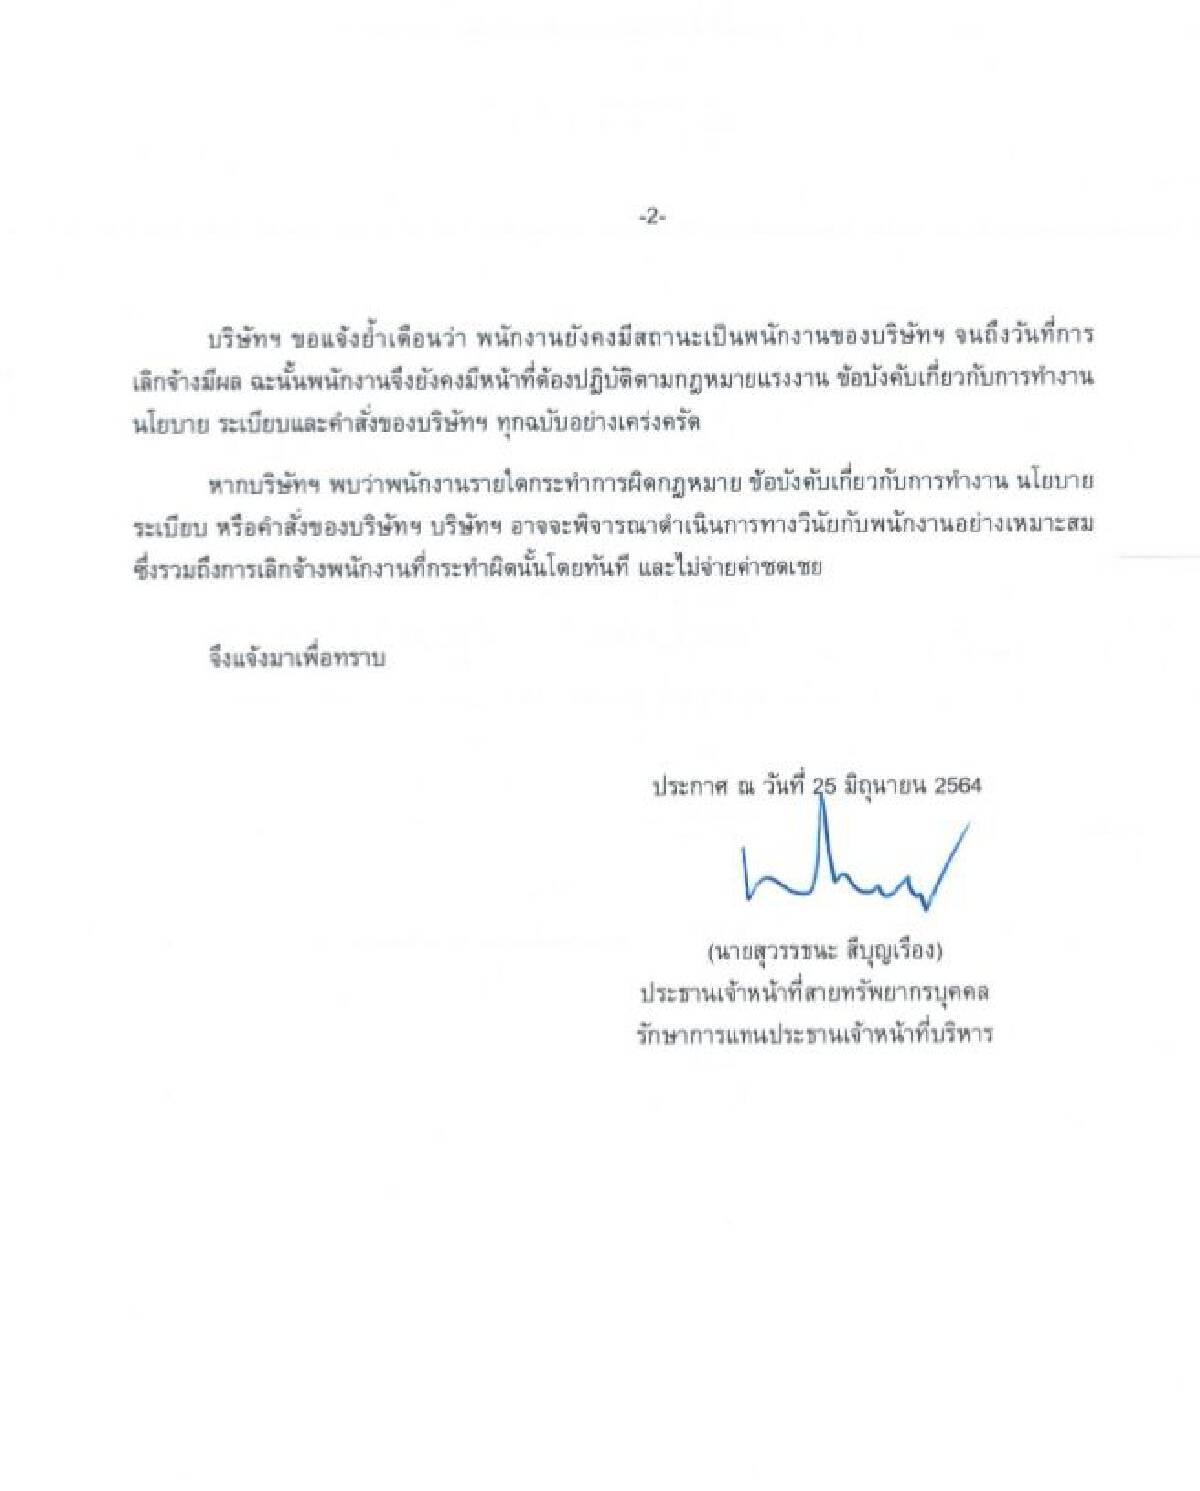 """ด่วน""""การบินไทย""""ประกาศเลิกจ้างพนักงานล็อตใหม่เพิ่มอีก860คน"""